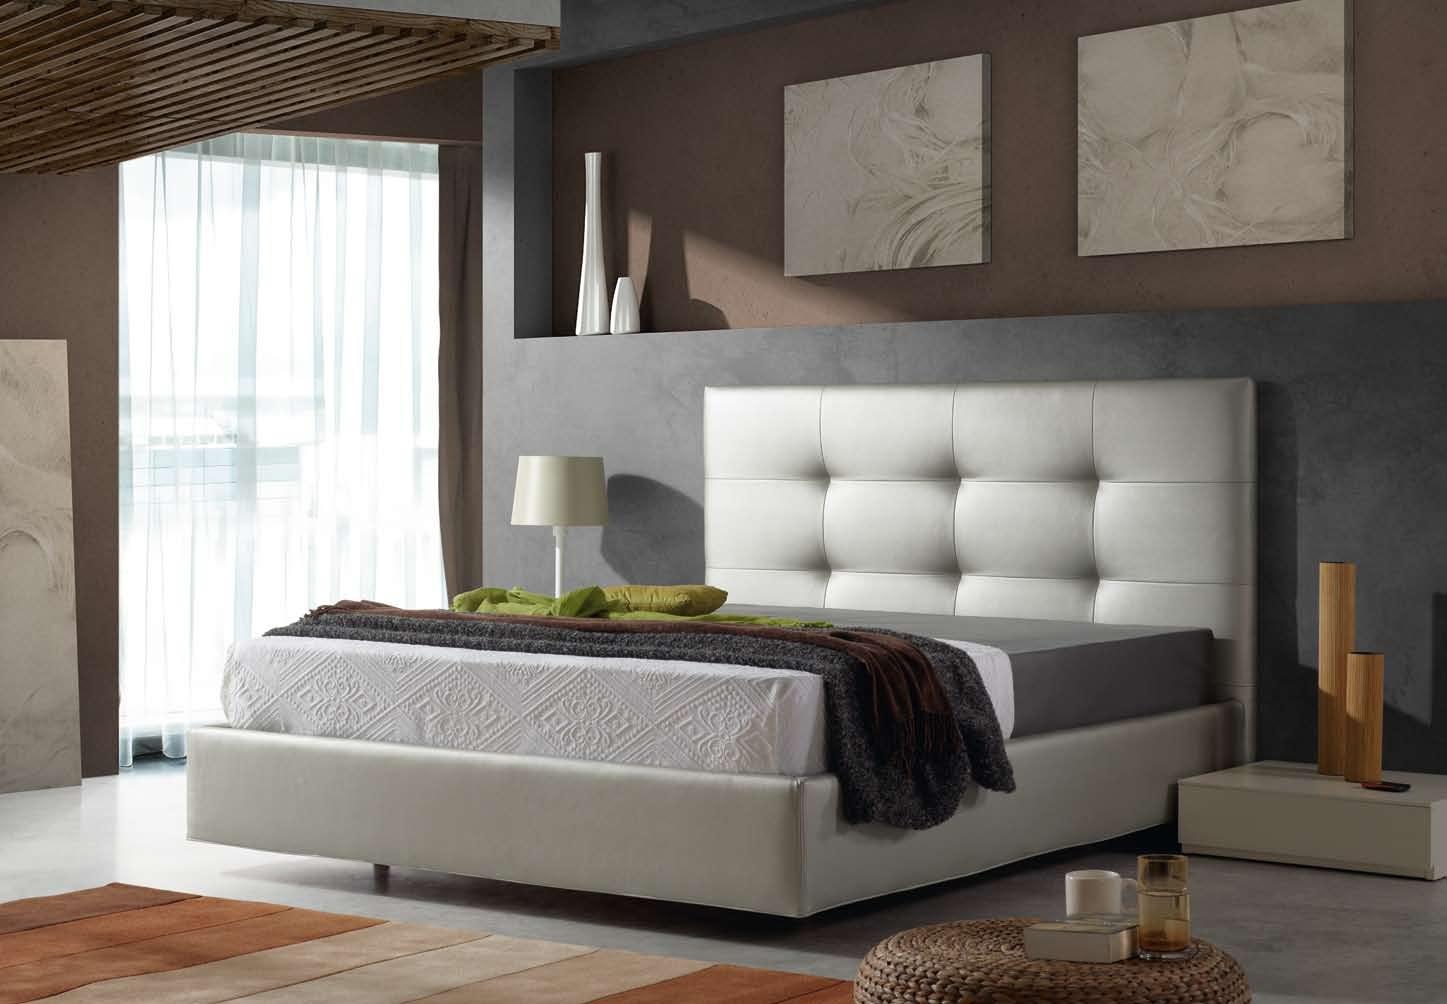 Cabeceros modernos de cama - Modelos de cabeceras de cama ...